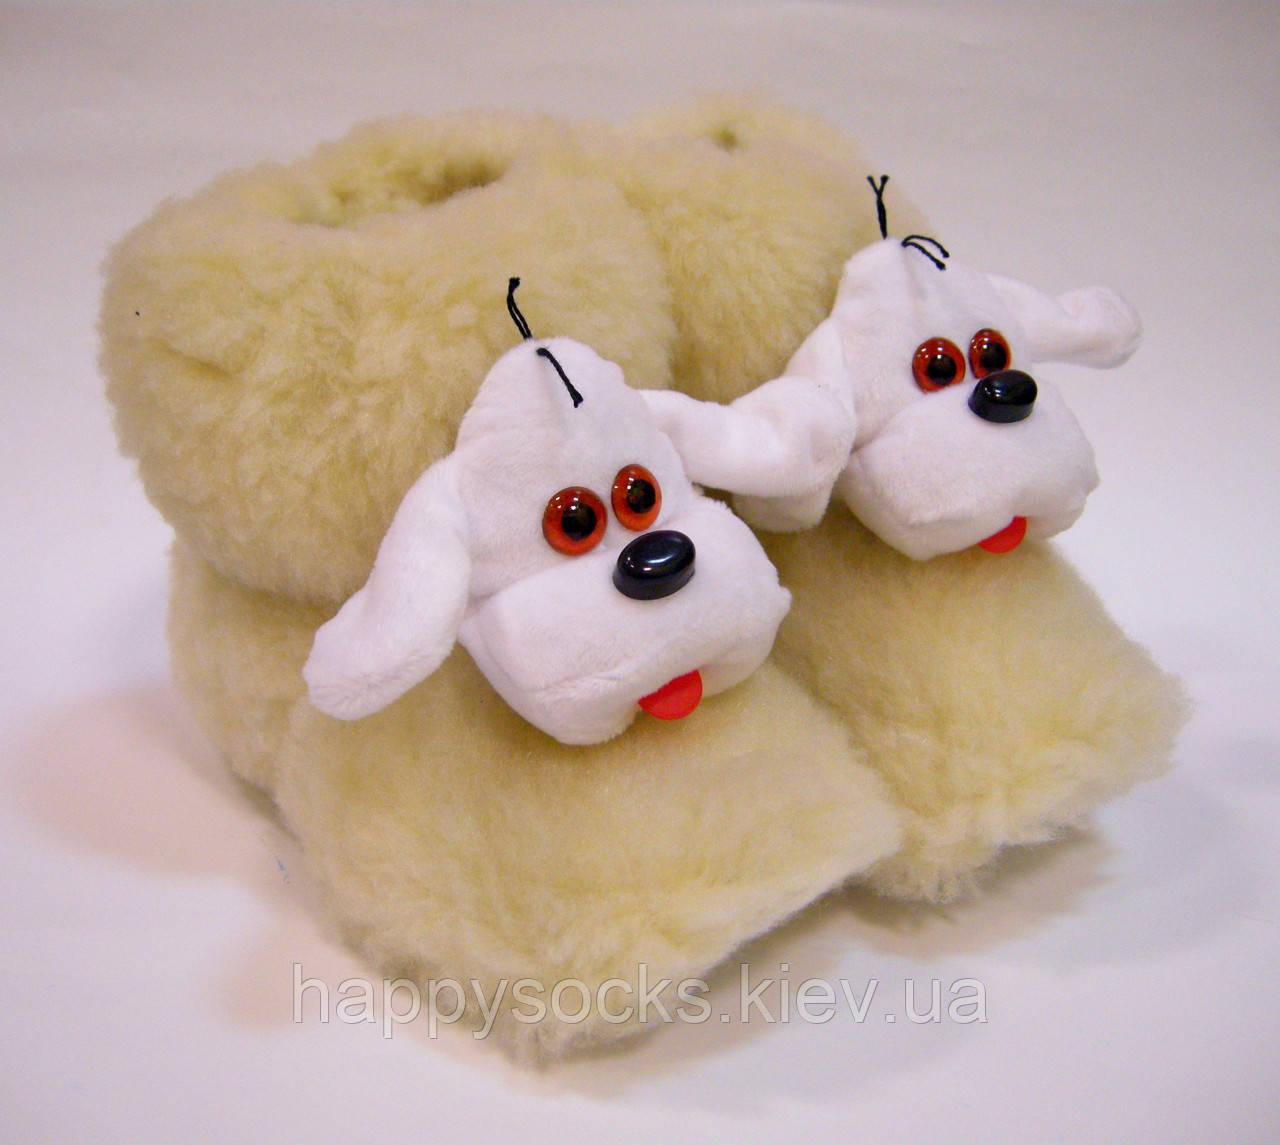 Комнатные меховые сапожки Собака из овчины детские